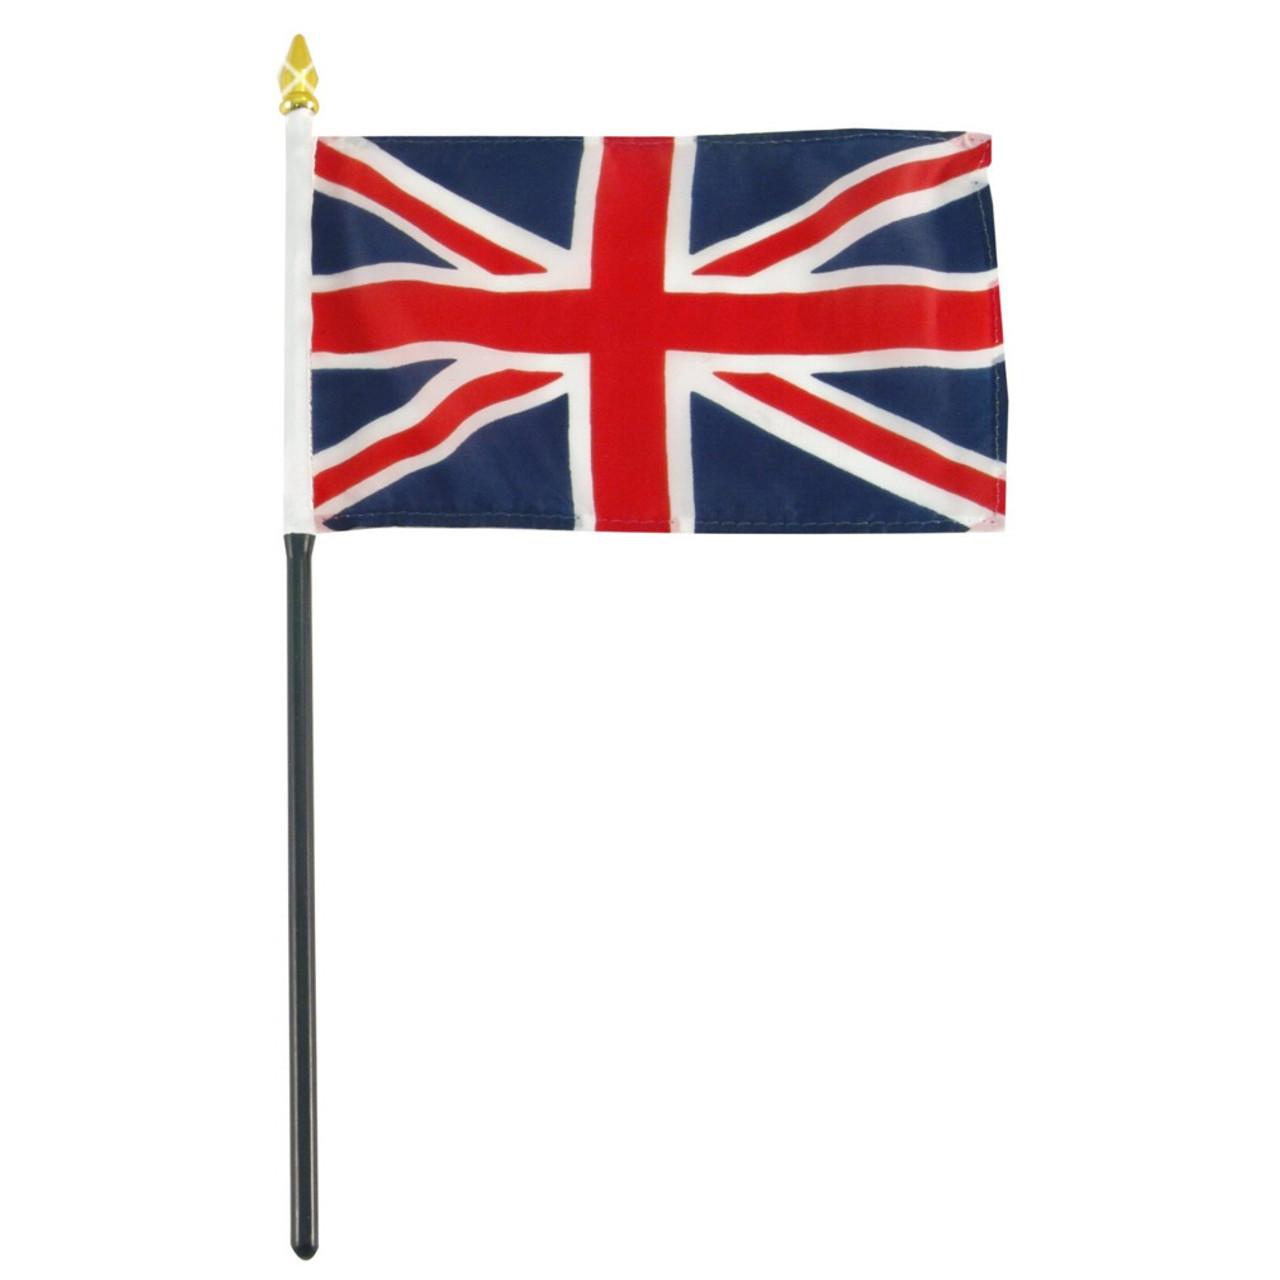 34bbe3a1d1af Union Jack Flag